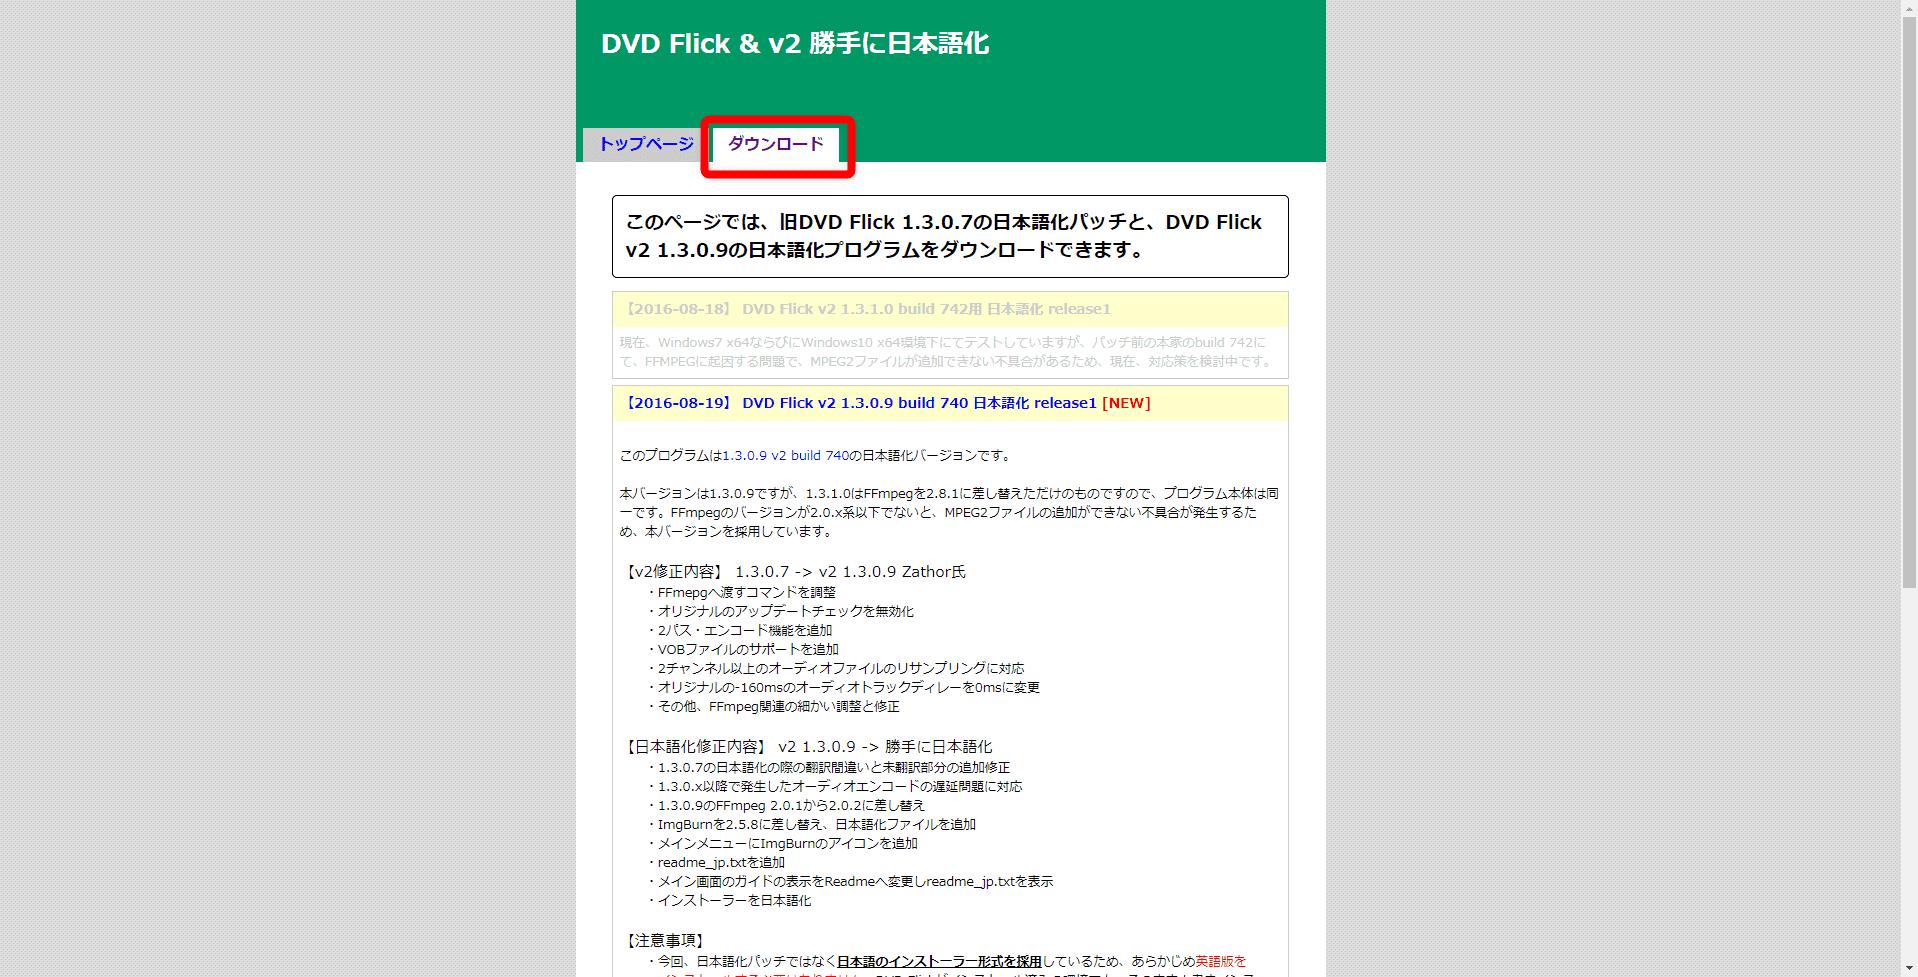 【DVD Flickの使い方】MP4などの動画データをメニュー機能付きでDVD-Rに焼ける!無料で使えるDVDオーサリングソフト「DVD Flick」の使い方|ソフトをインストールする:「DVD Flick & v2 勝手に日本語化」というサイトに遷移したら「ダウンロード」と書かれたタブをクリックします。